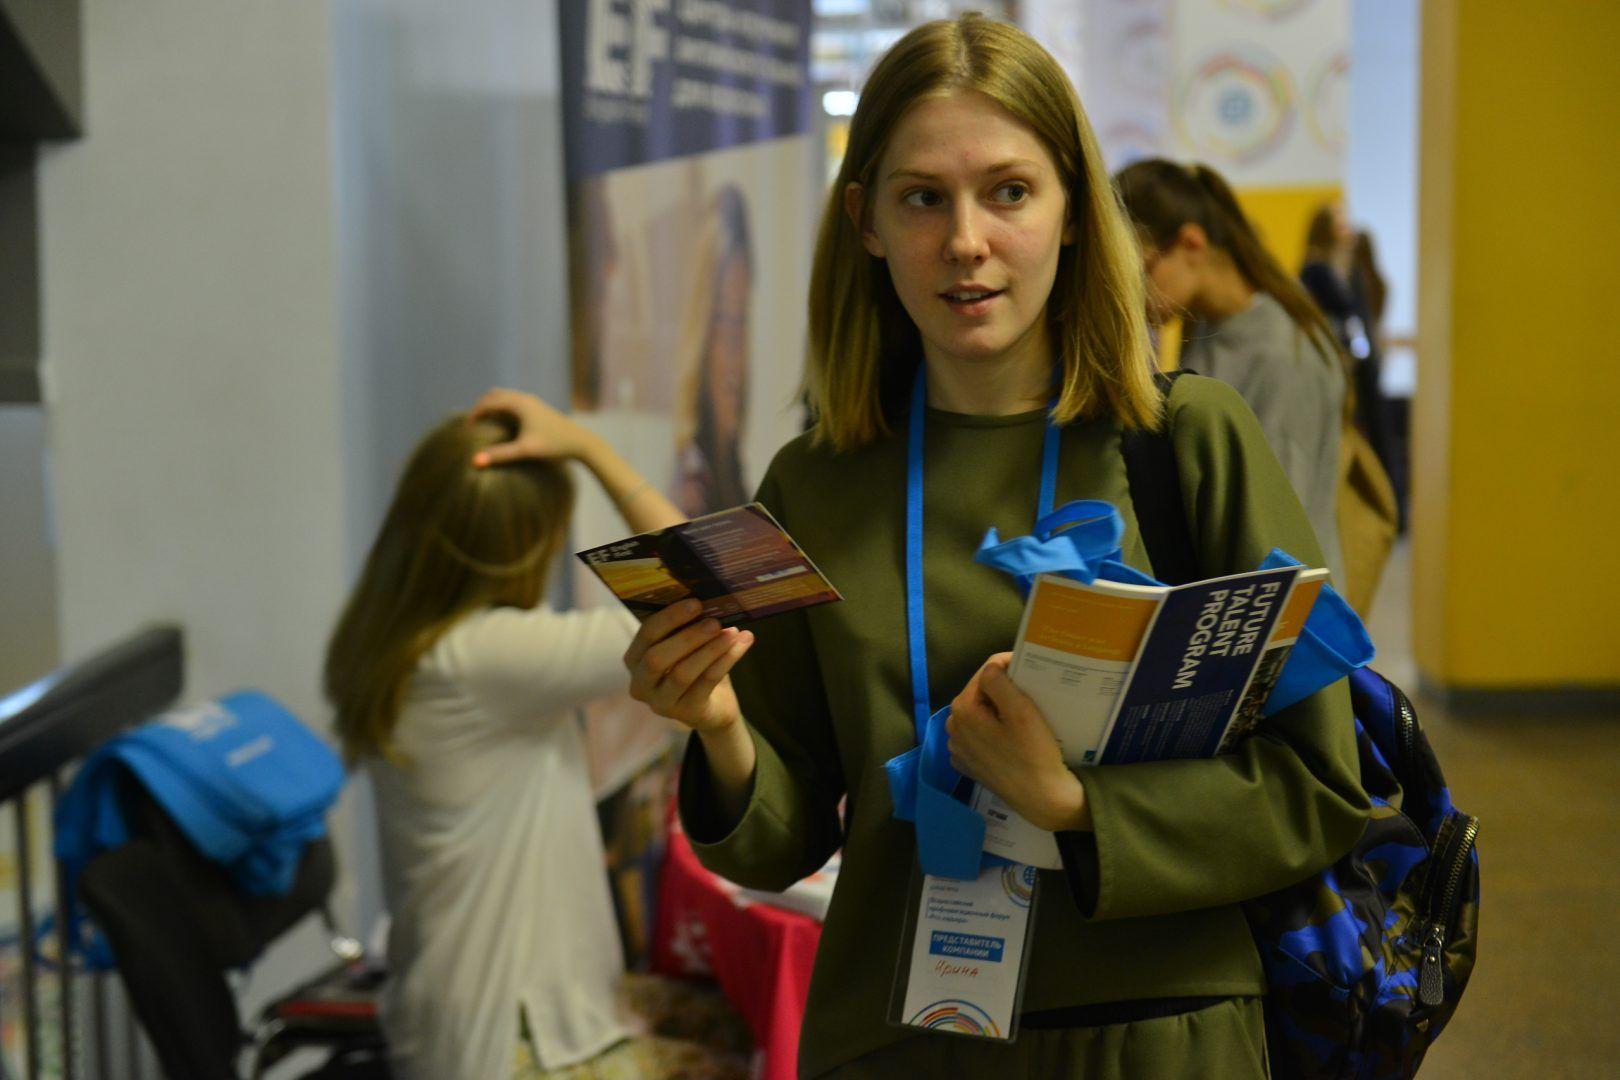 День профориентации и карьеры пройдет в столице. Фото: архив, «Вечерняя Москва»